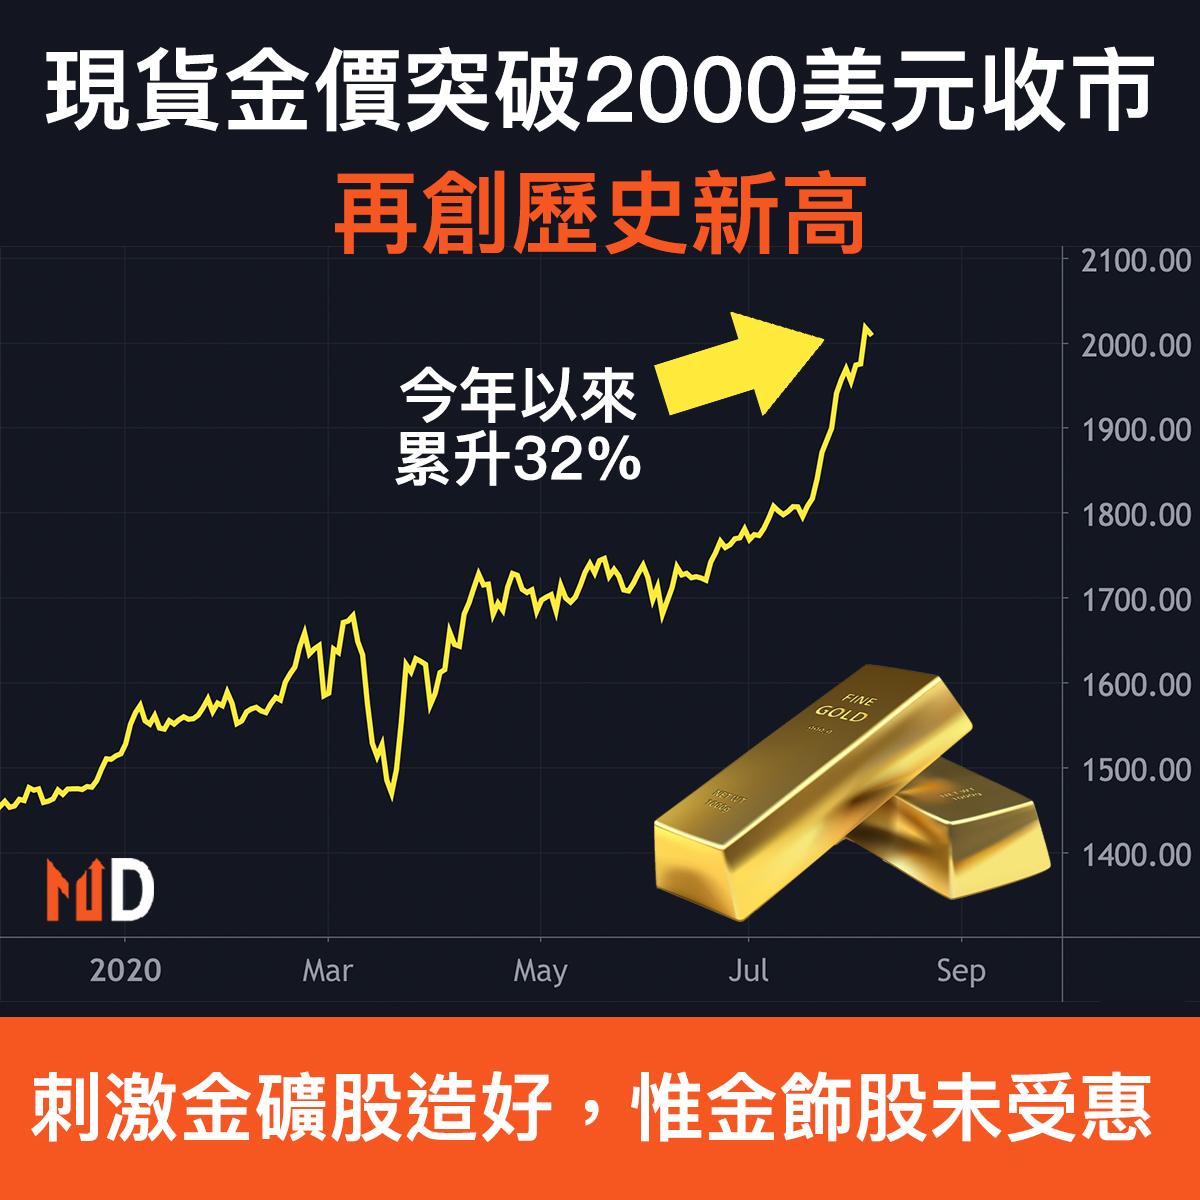 【市場熱話】現貨金價突破2000美元收市,再創歷史新高